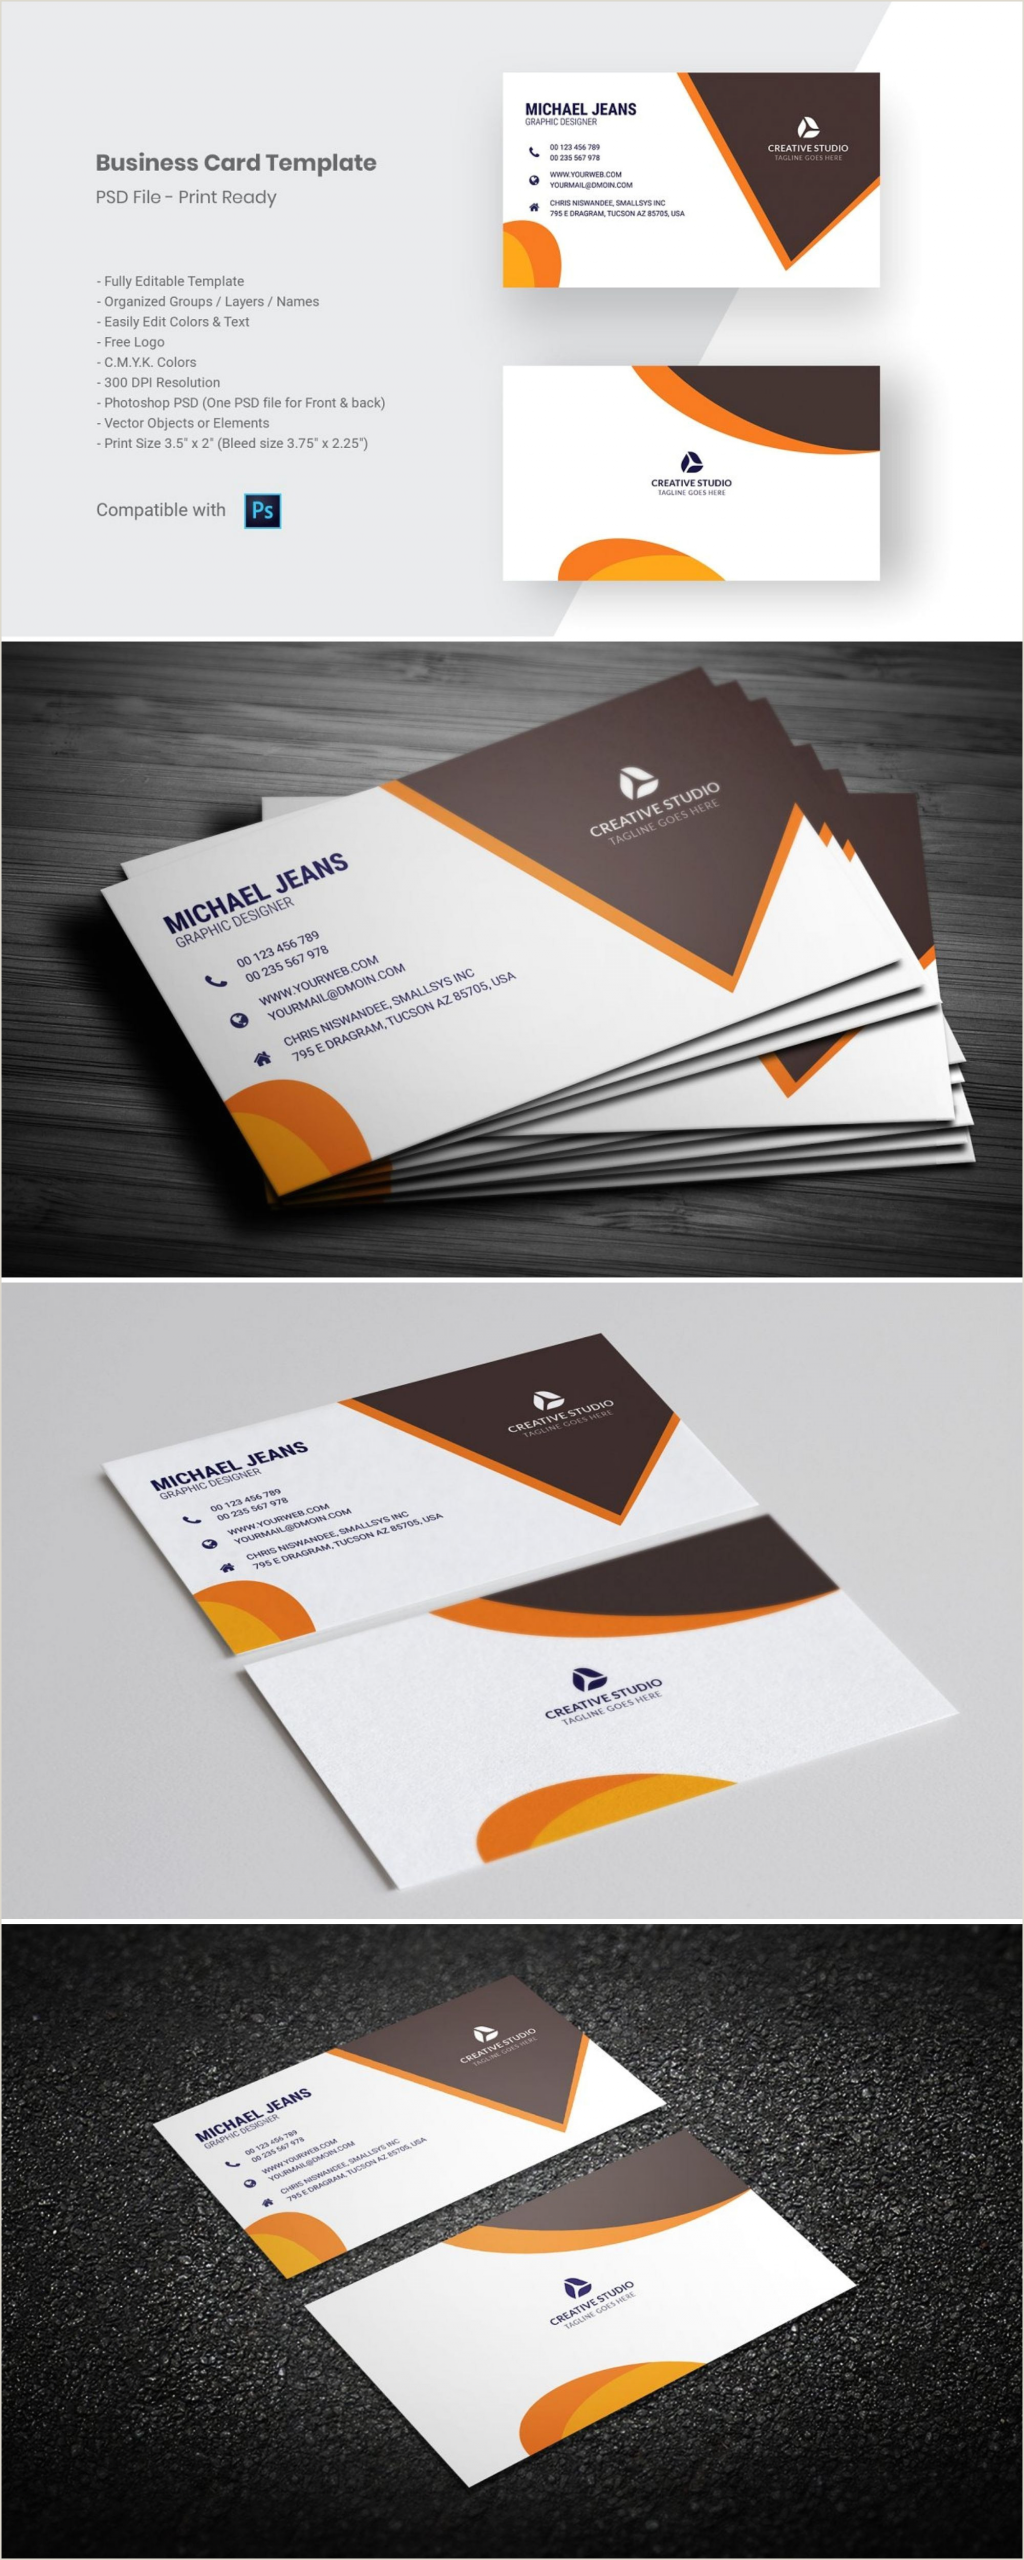 Best Business Cards Social Work Modern Business Card Template